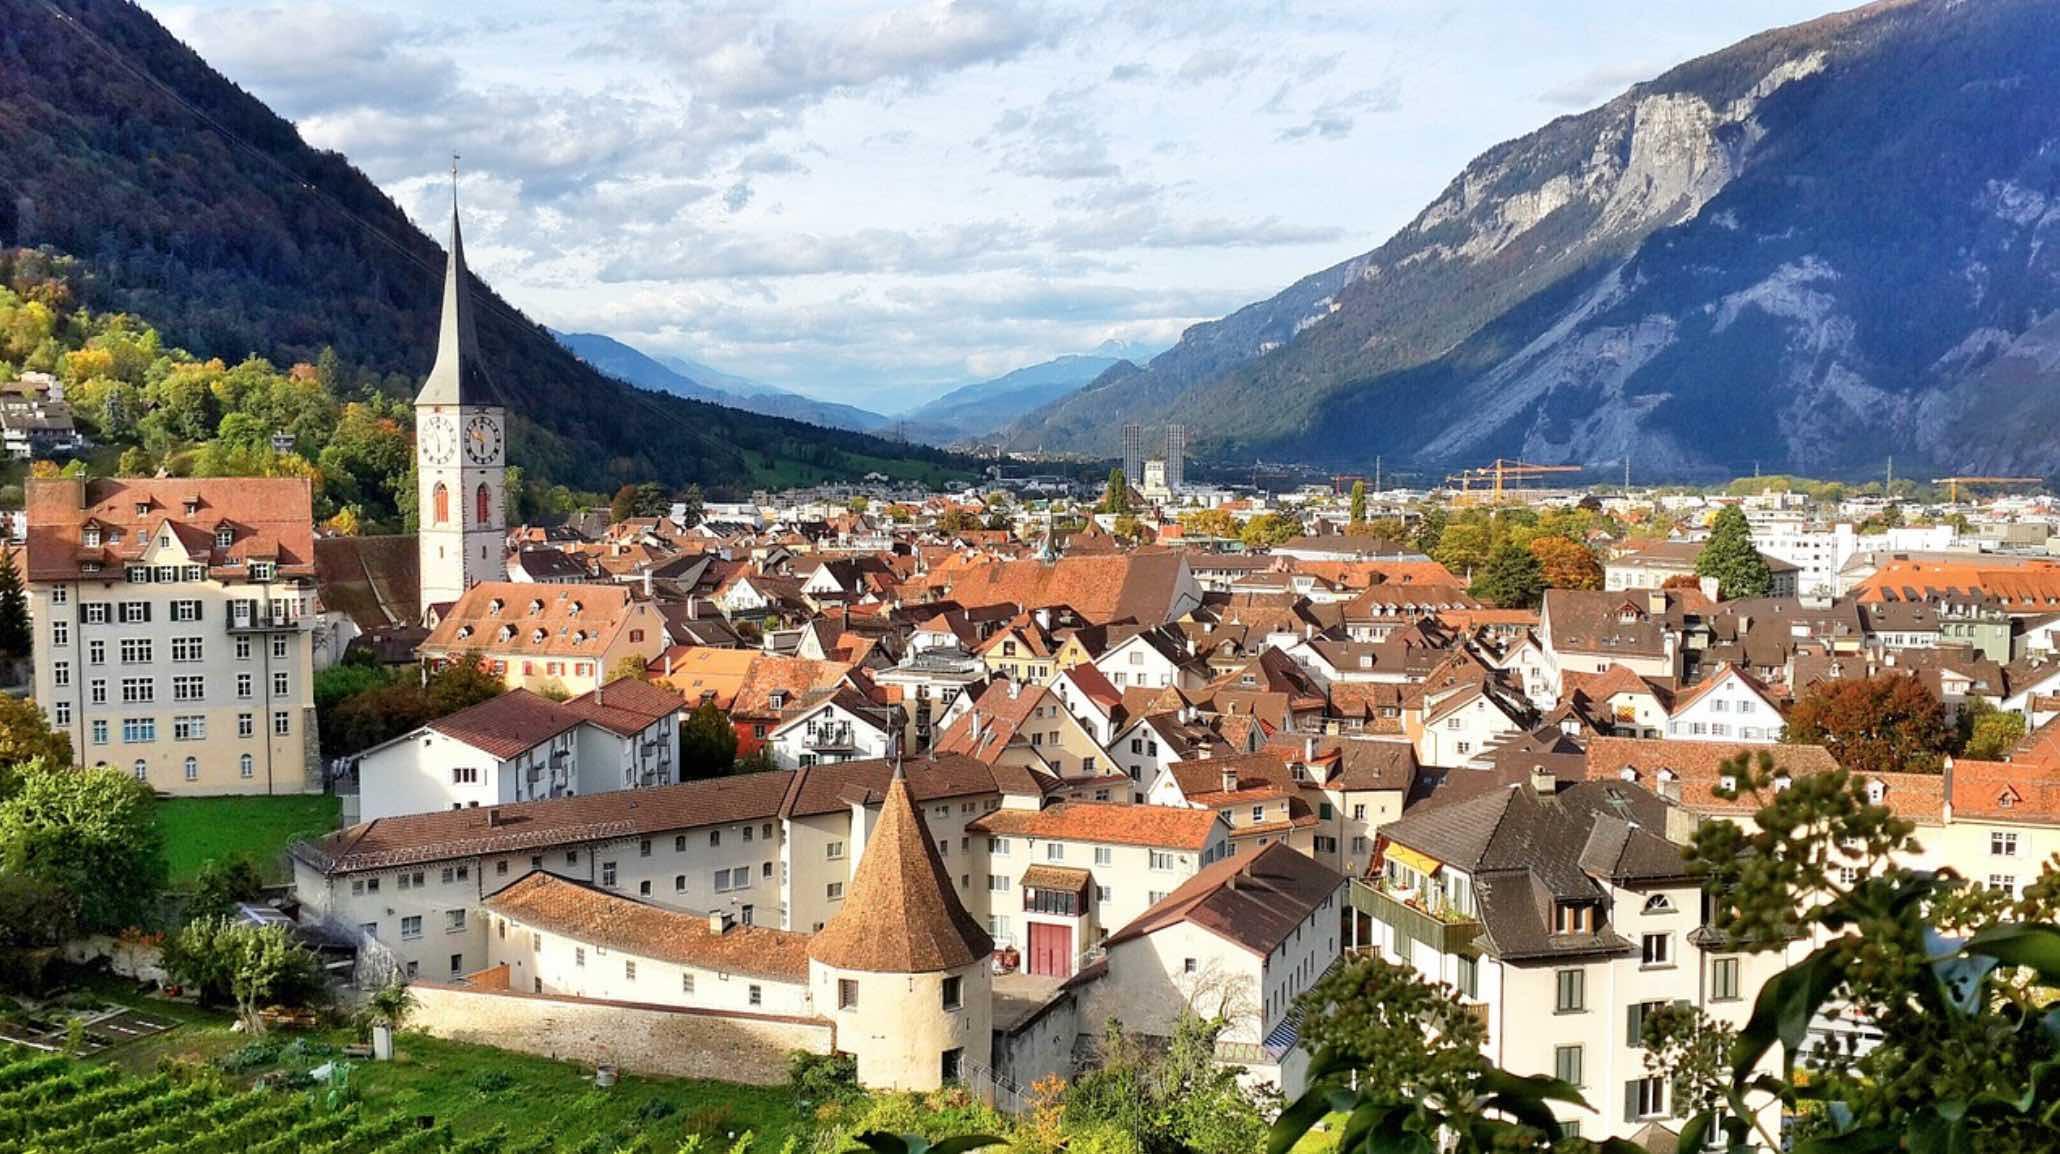 Ciudad de Chur suiza